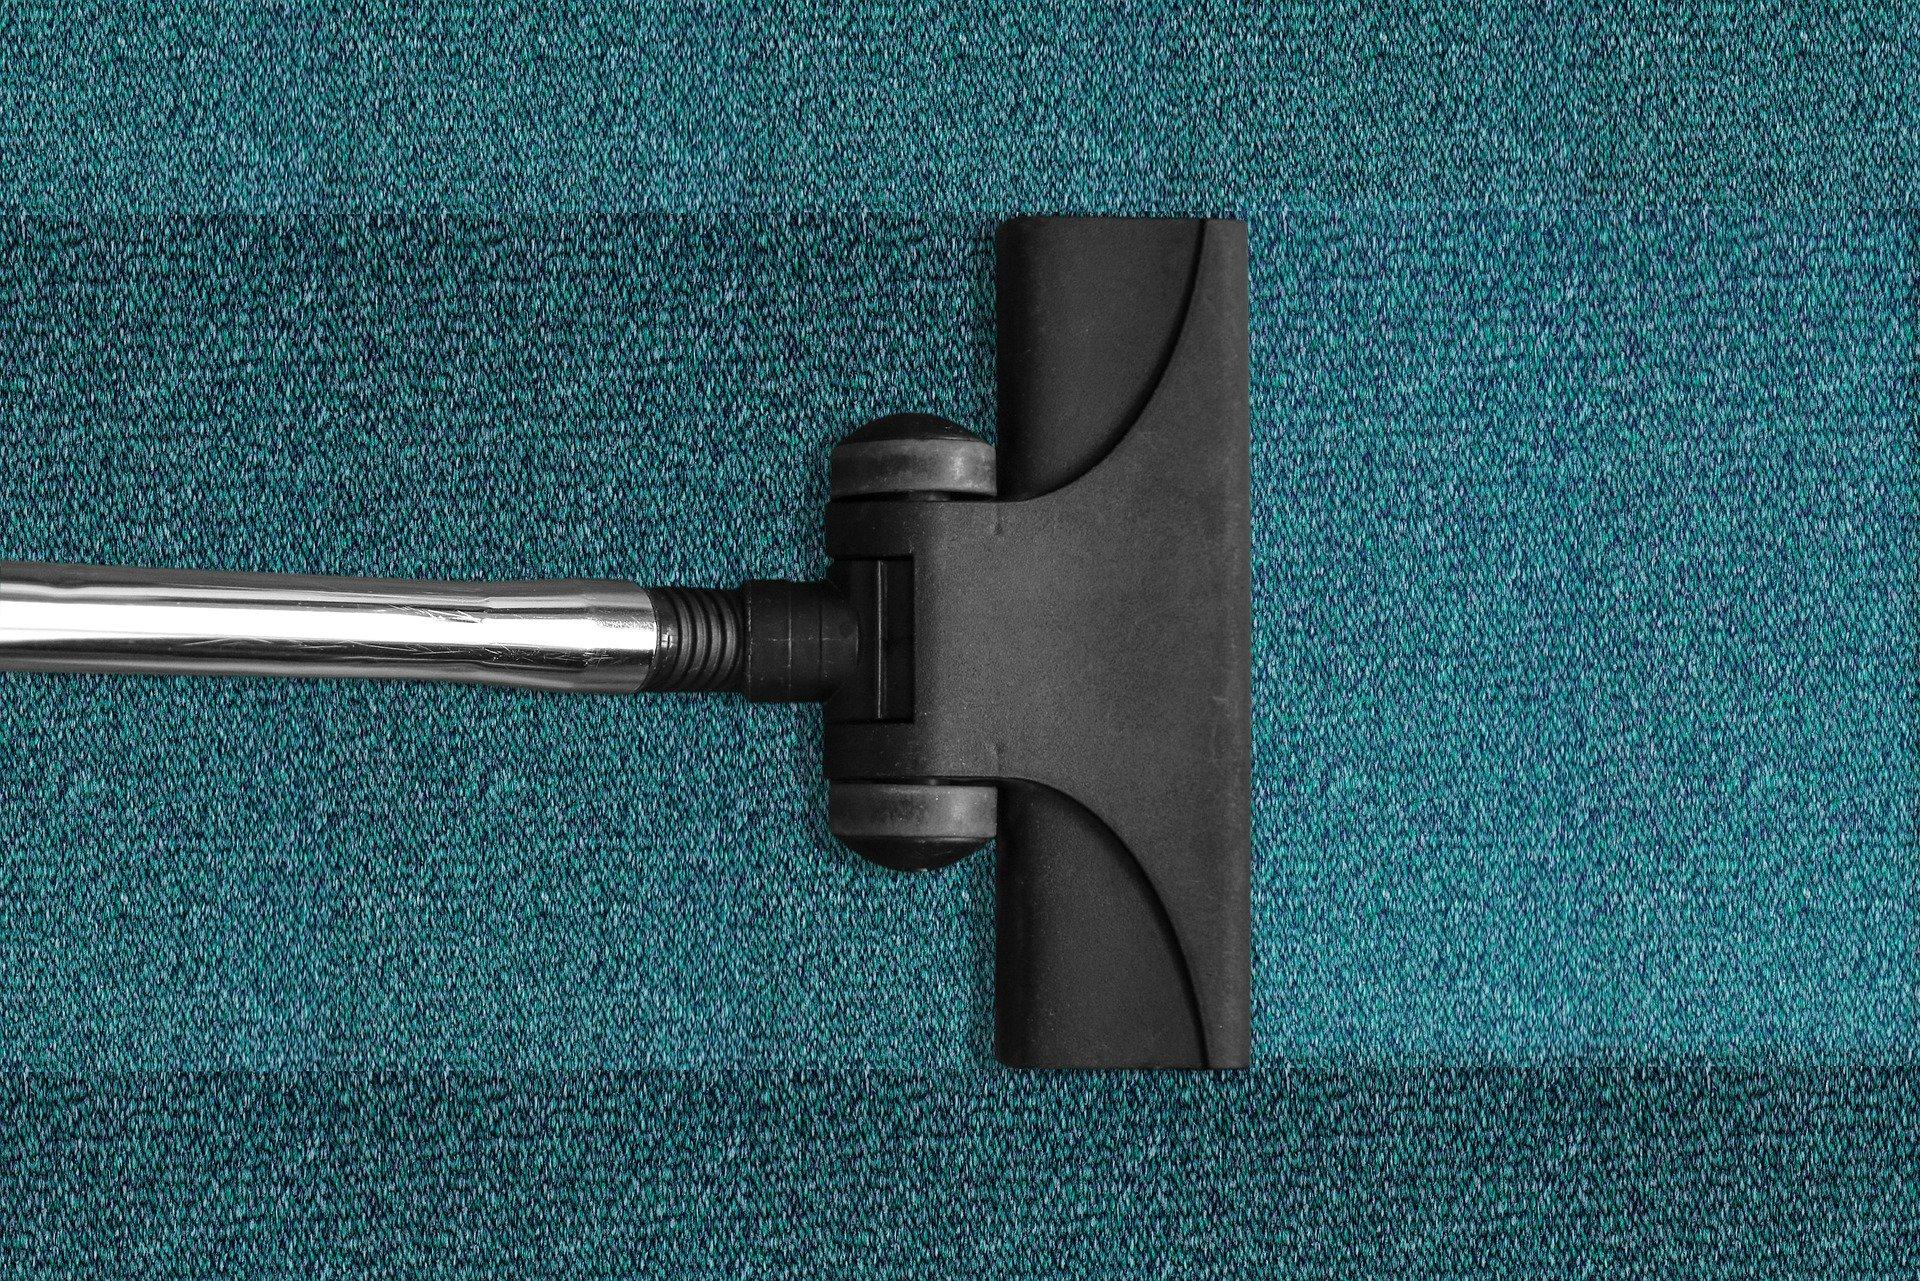 Consejos para limpiar tus alfombras y moquetas